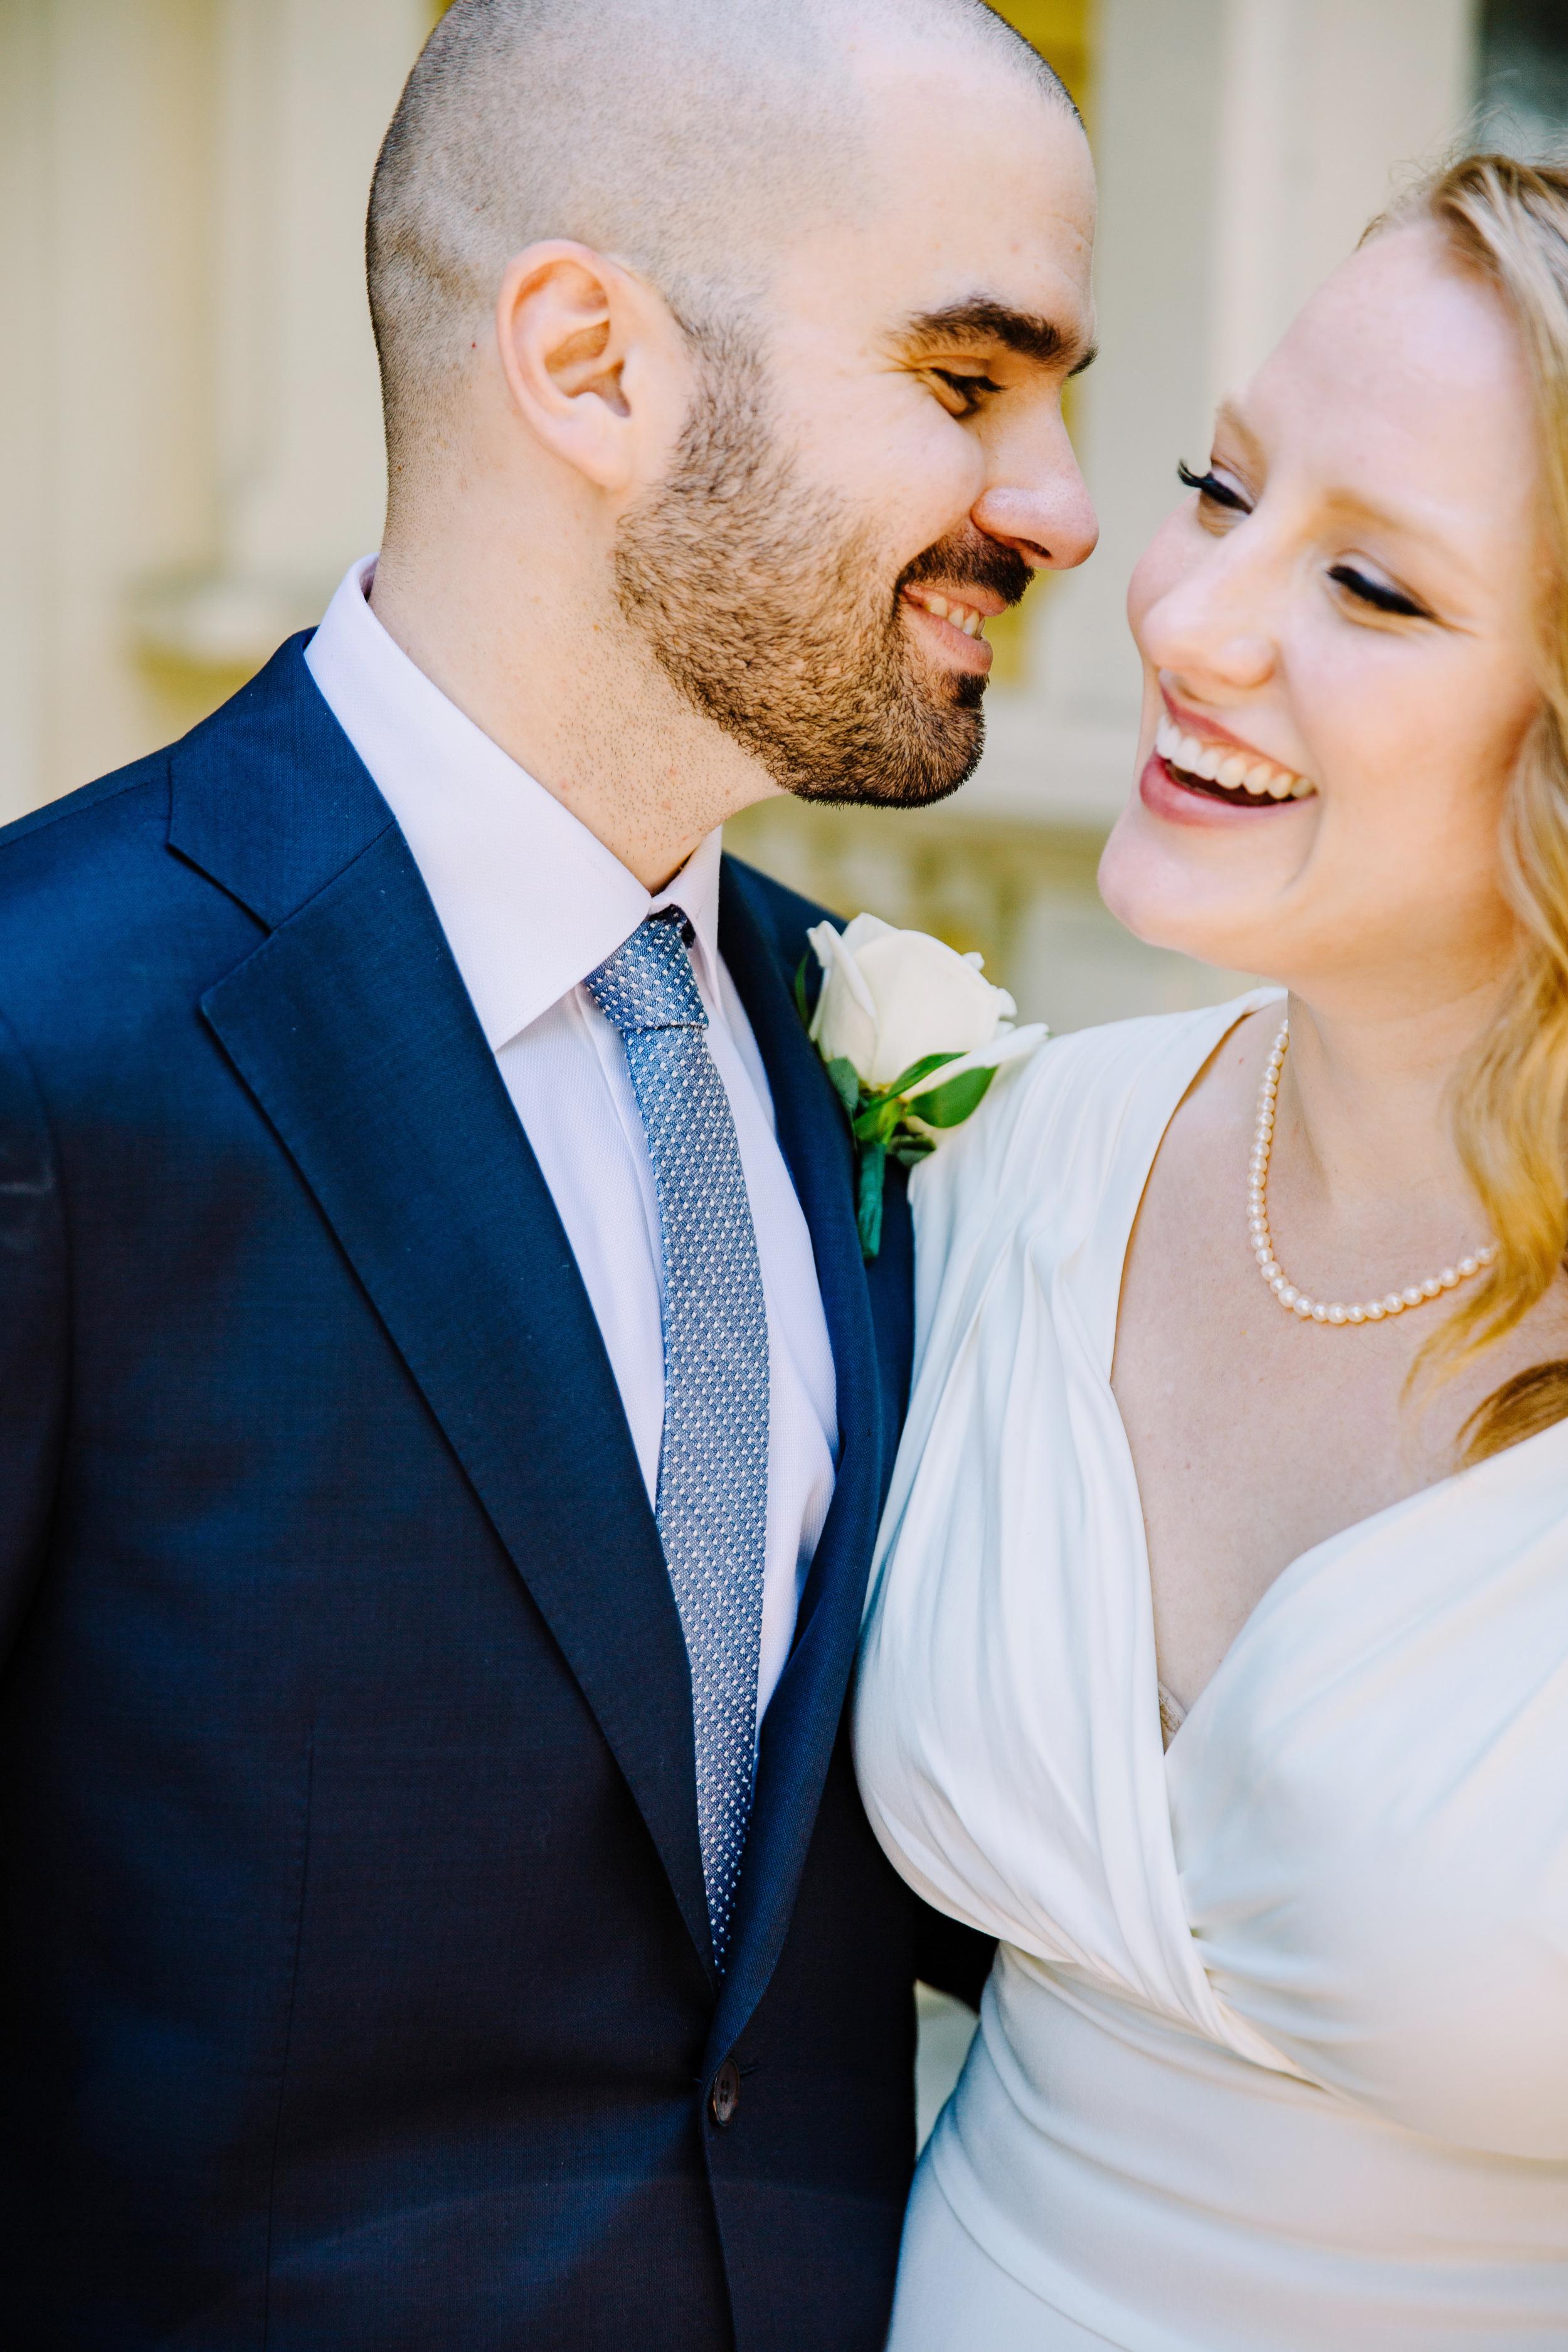 cambridge elopement city hall photographer couples portrait